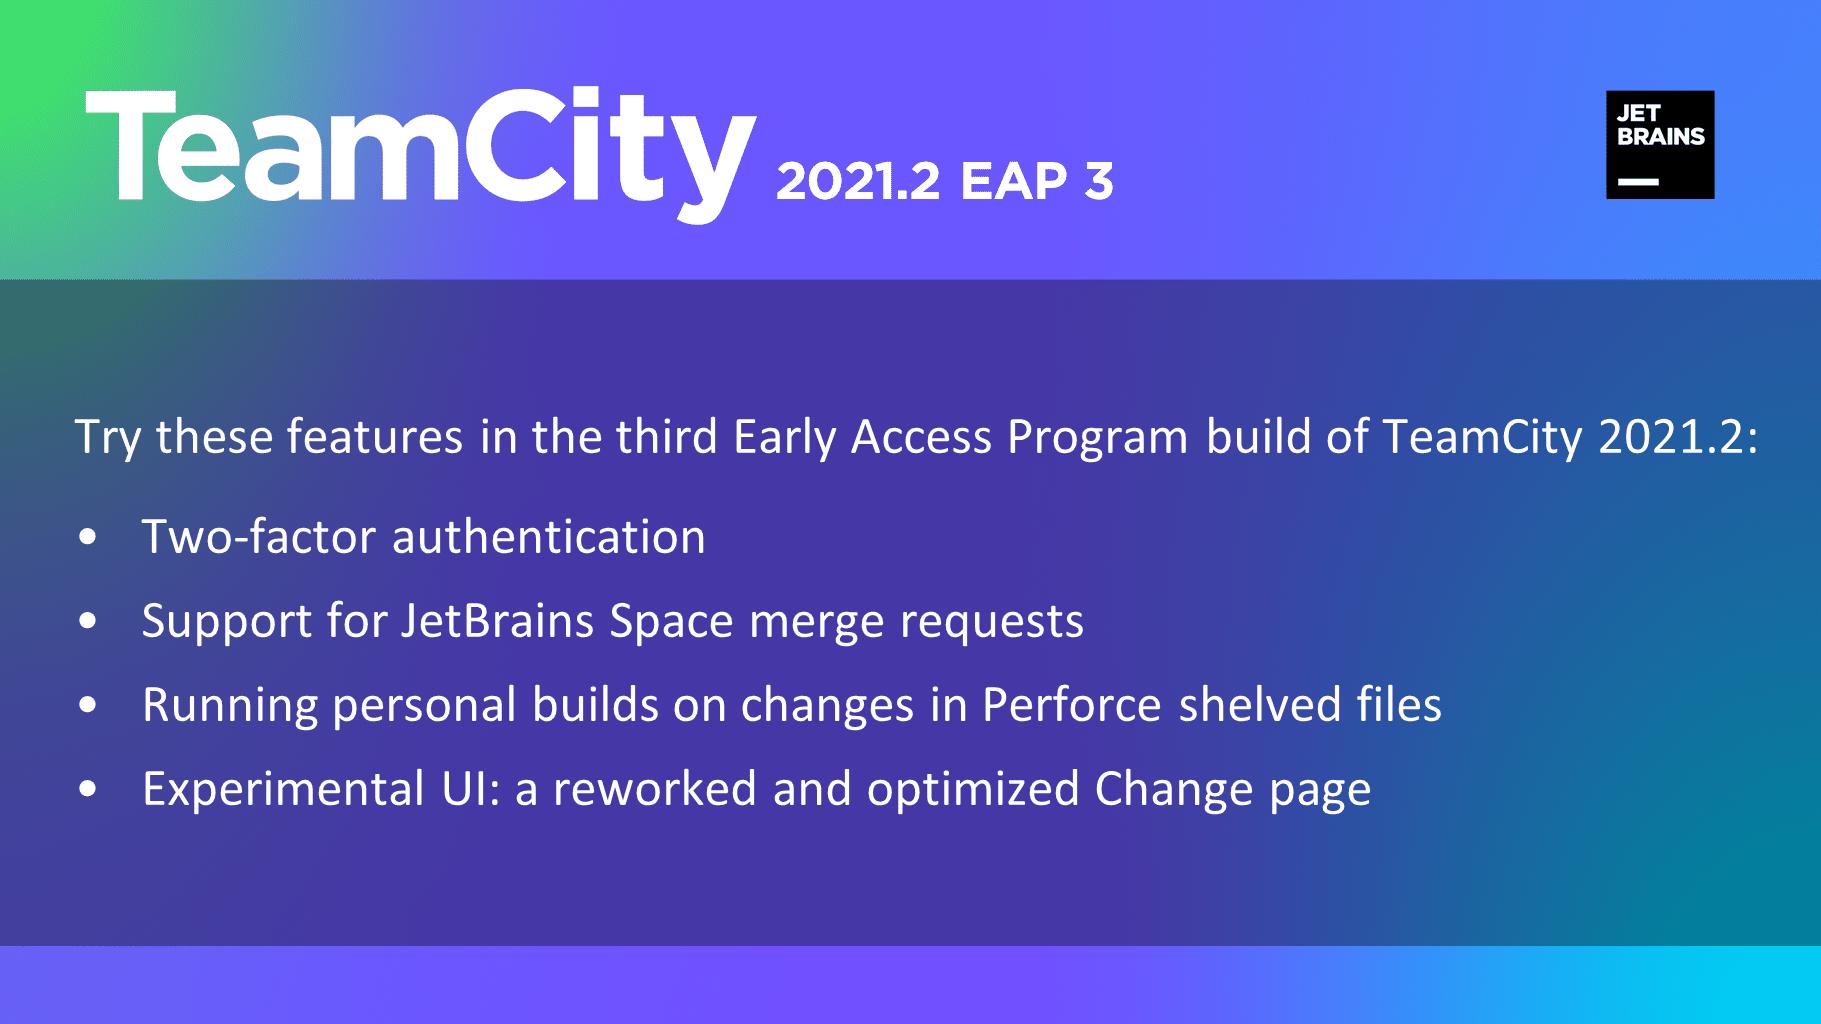 TeamCity 2021.2 EAP3